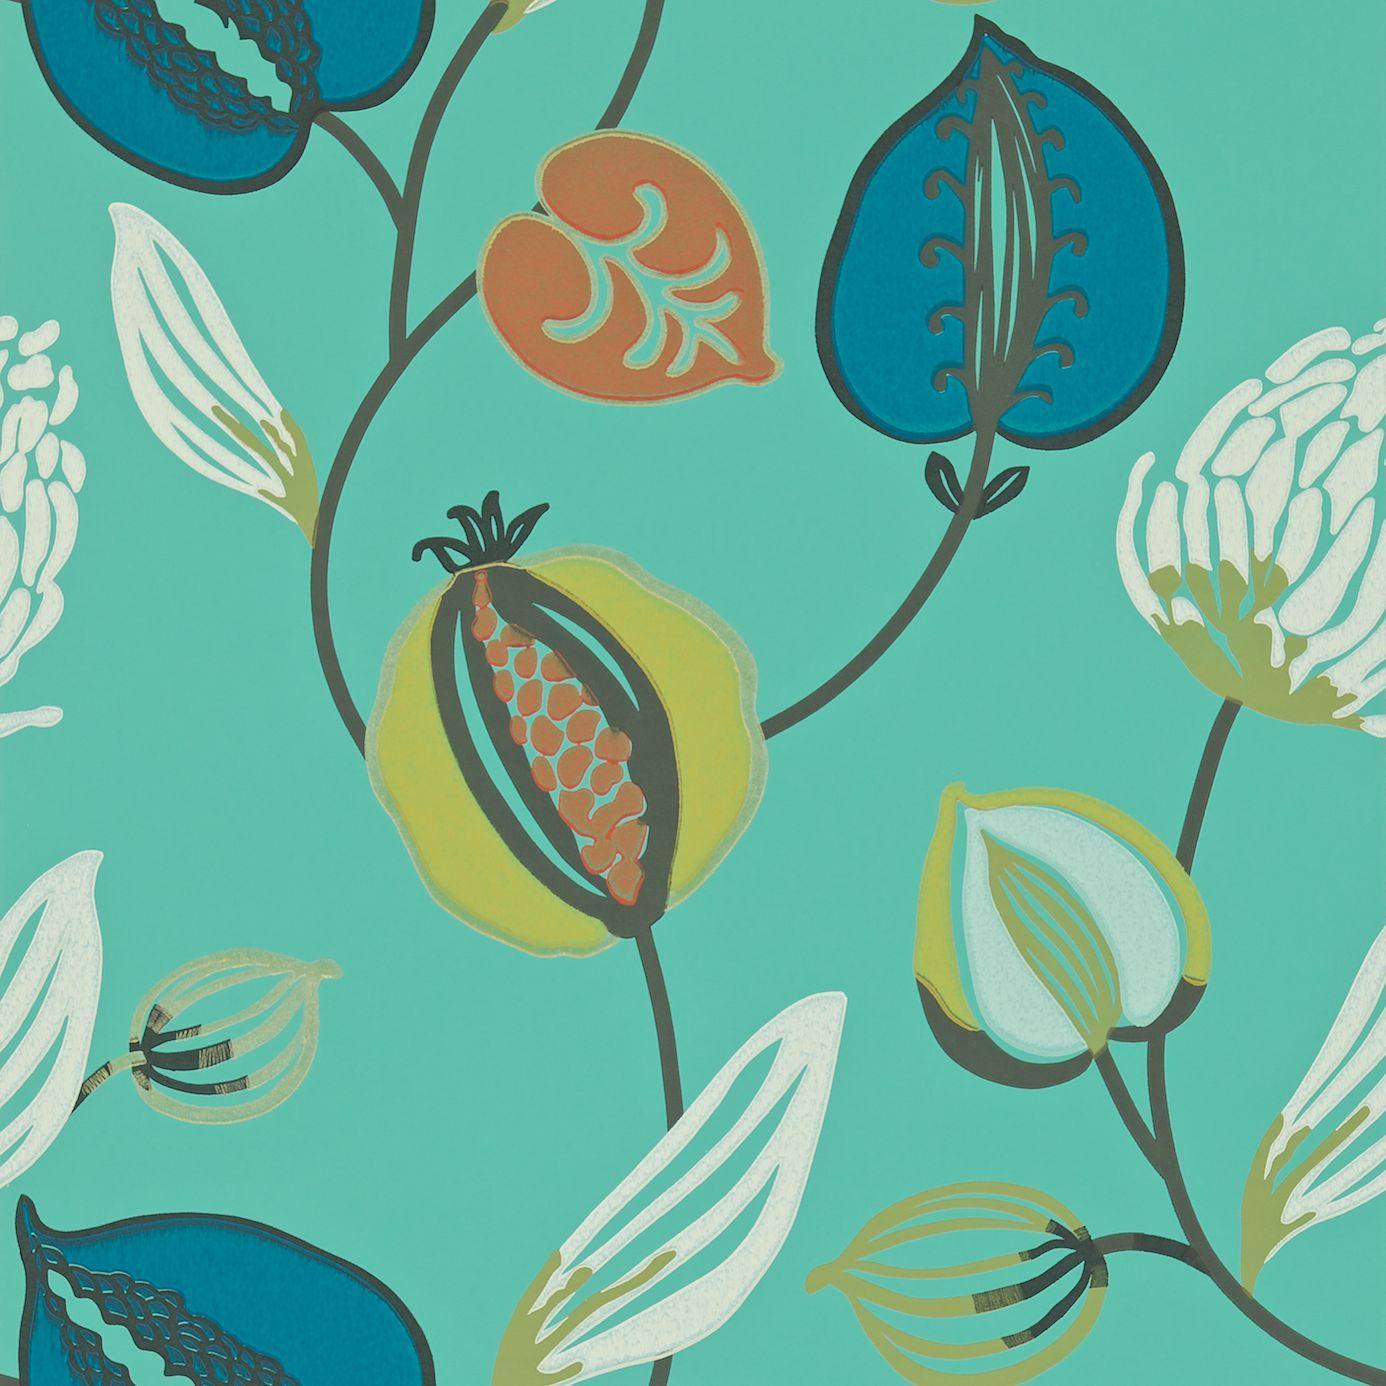 Harlequin Folia Wallpapers Tembok Wallpaper - Teal/Petrol/Orange ...